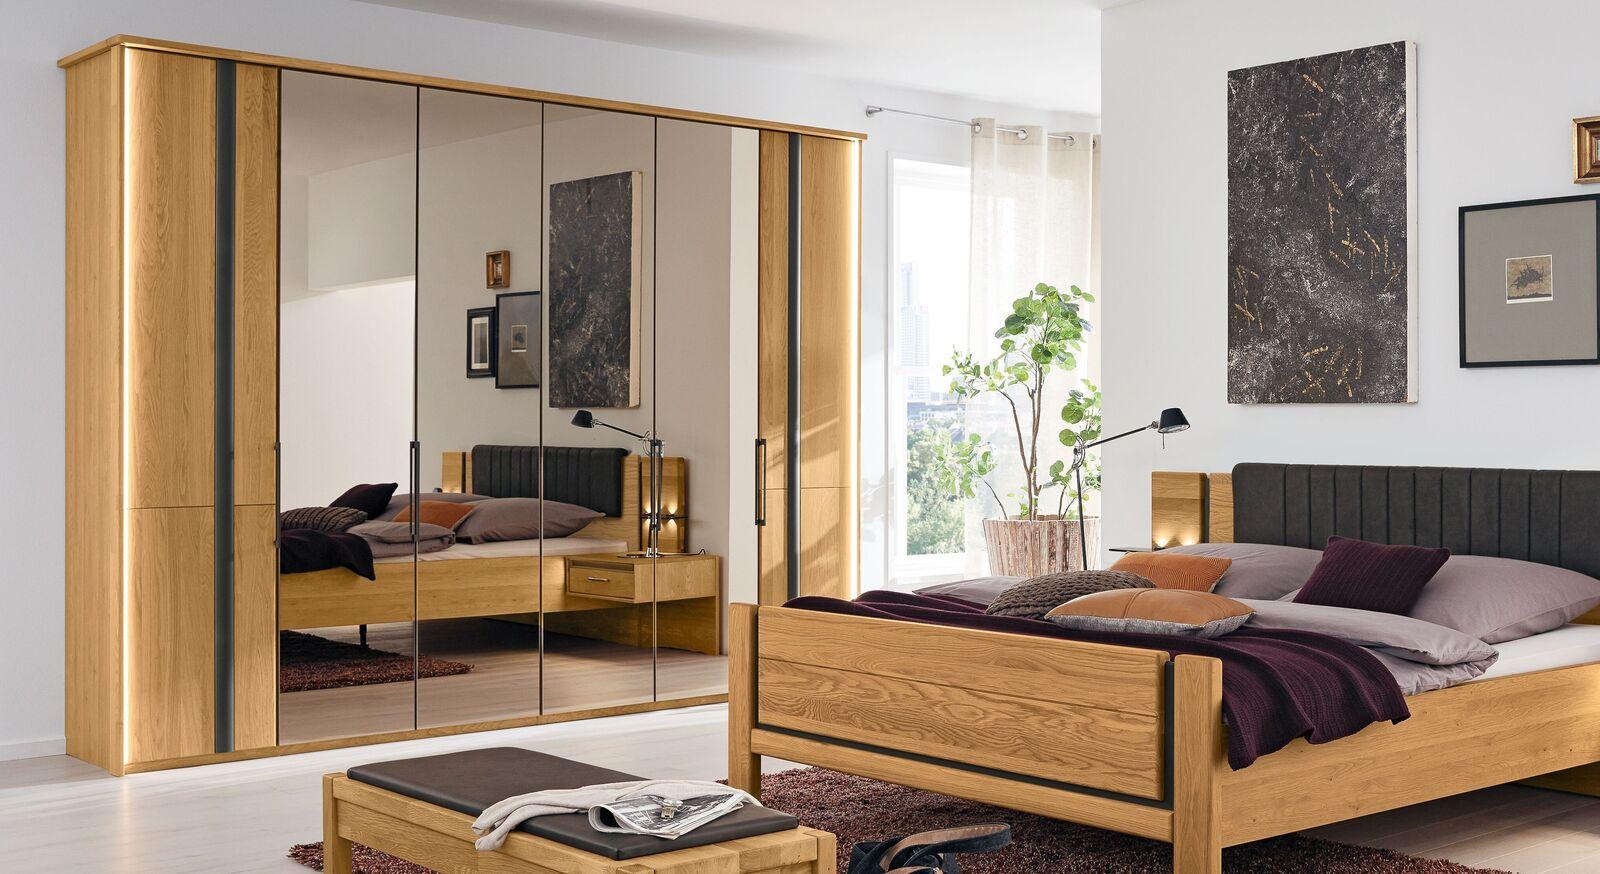 MUSTERRING Schlafzimmer Sorrent 4-tlg. mit elegantem Falttüren-Kleiderschrank